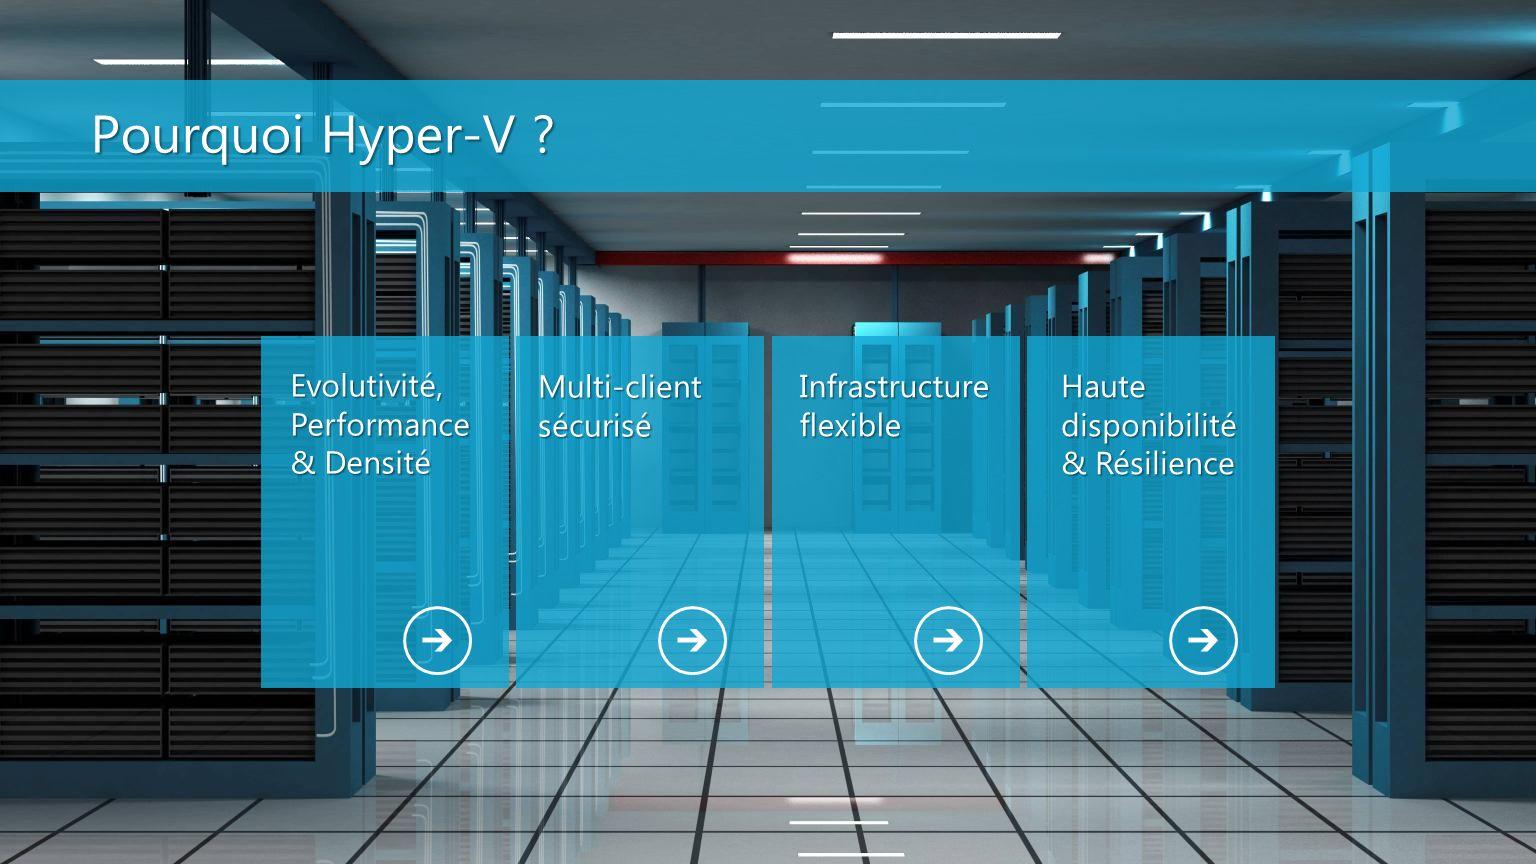 Pourquoi Hyper-V Evolutivité, Performance & Densité